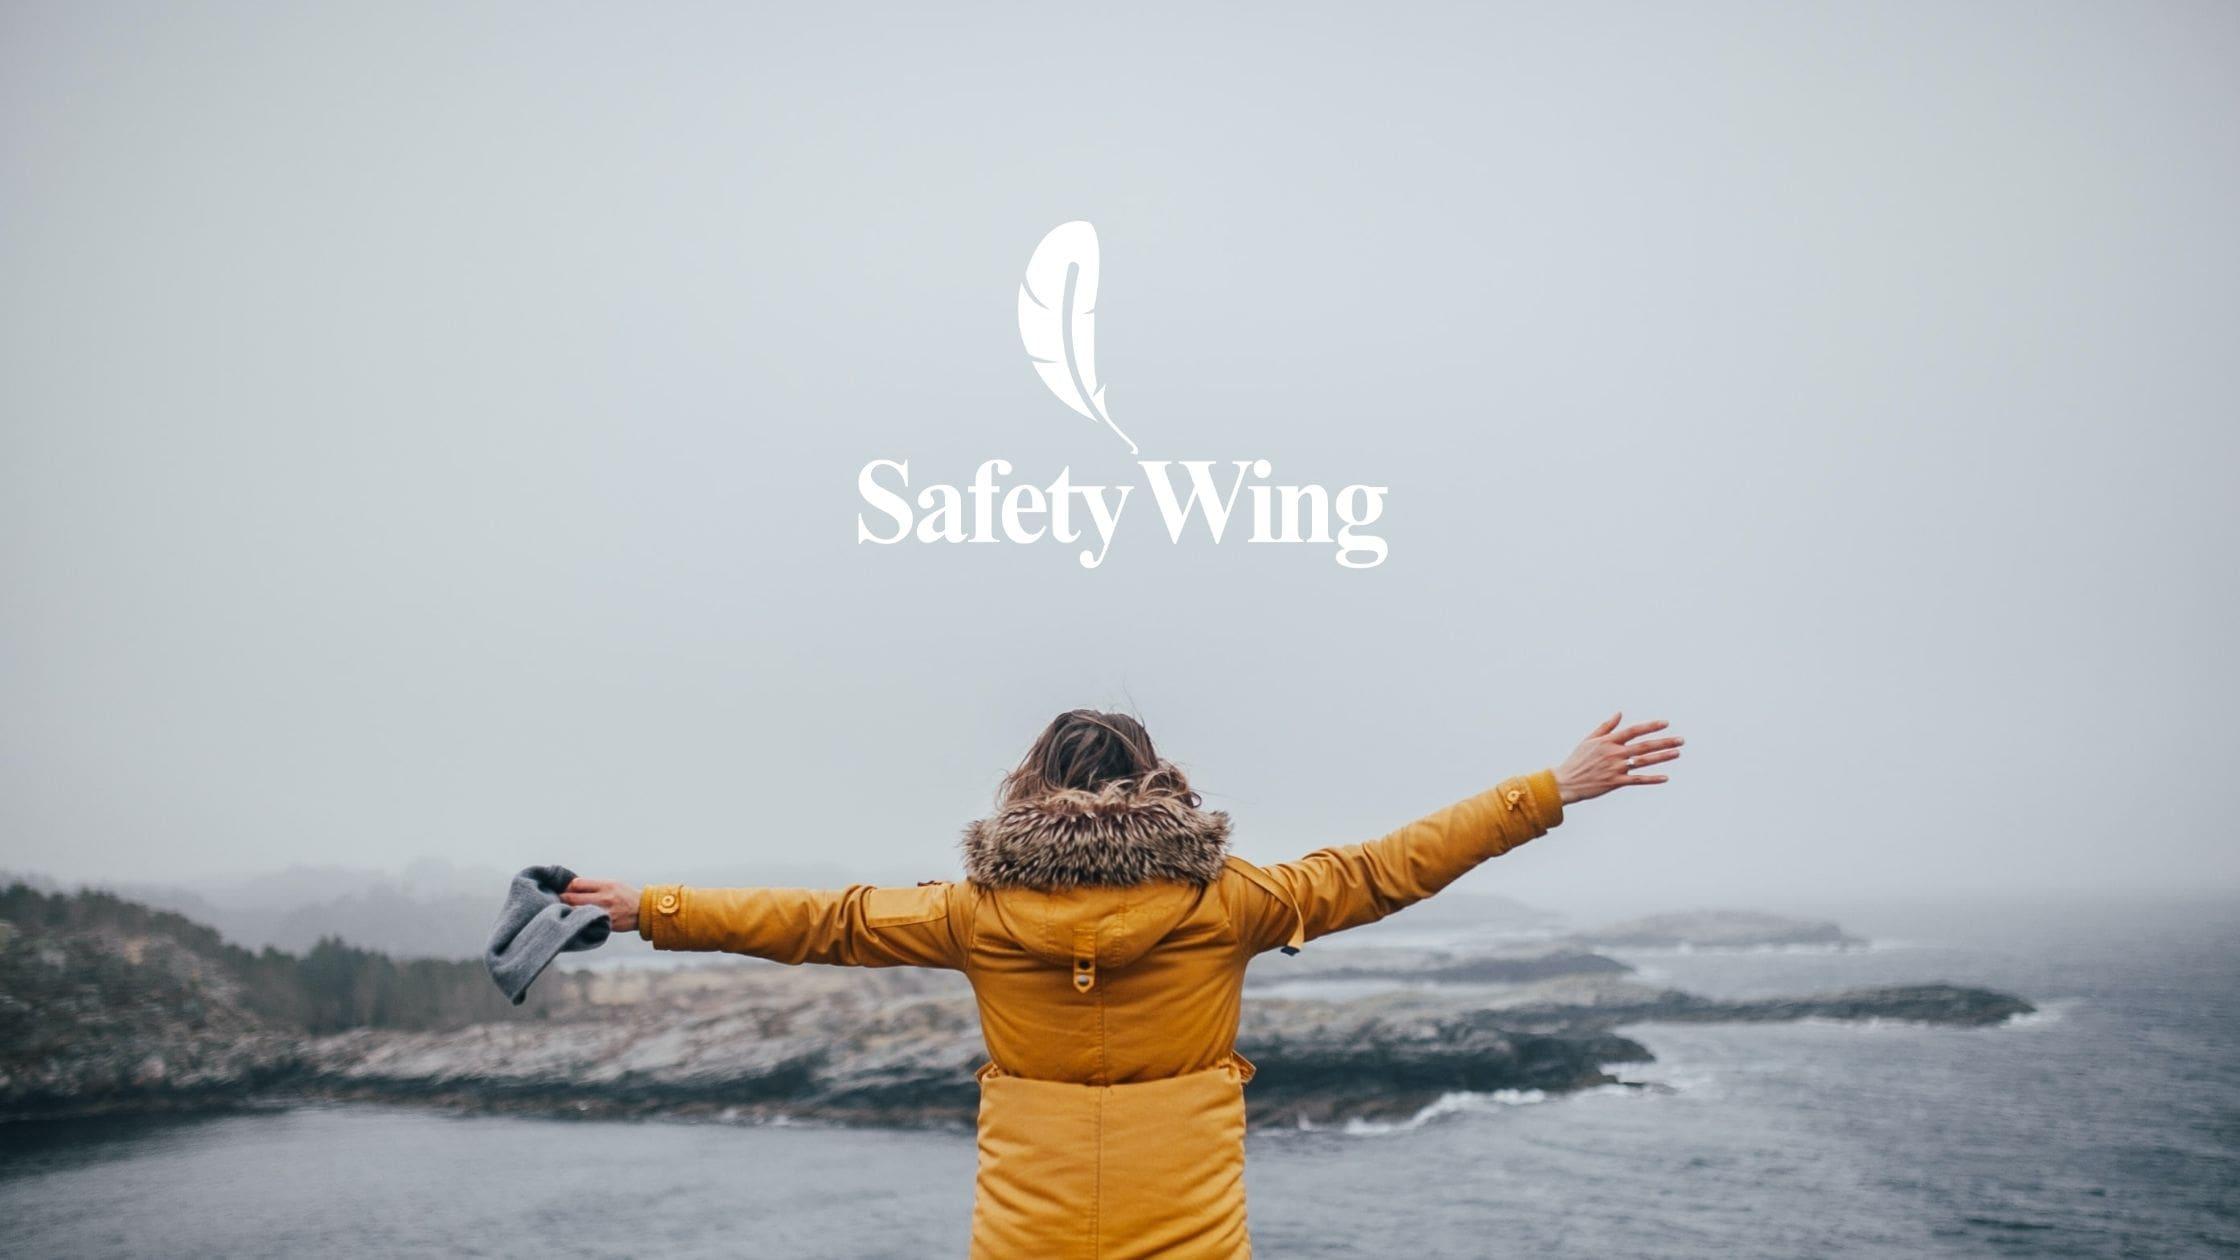 【ノマド保険】海外医療保険を提供するSafetyWingとは?